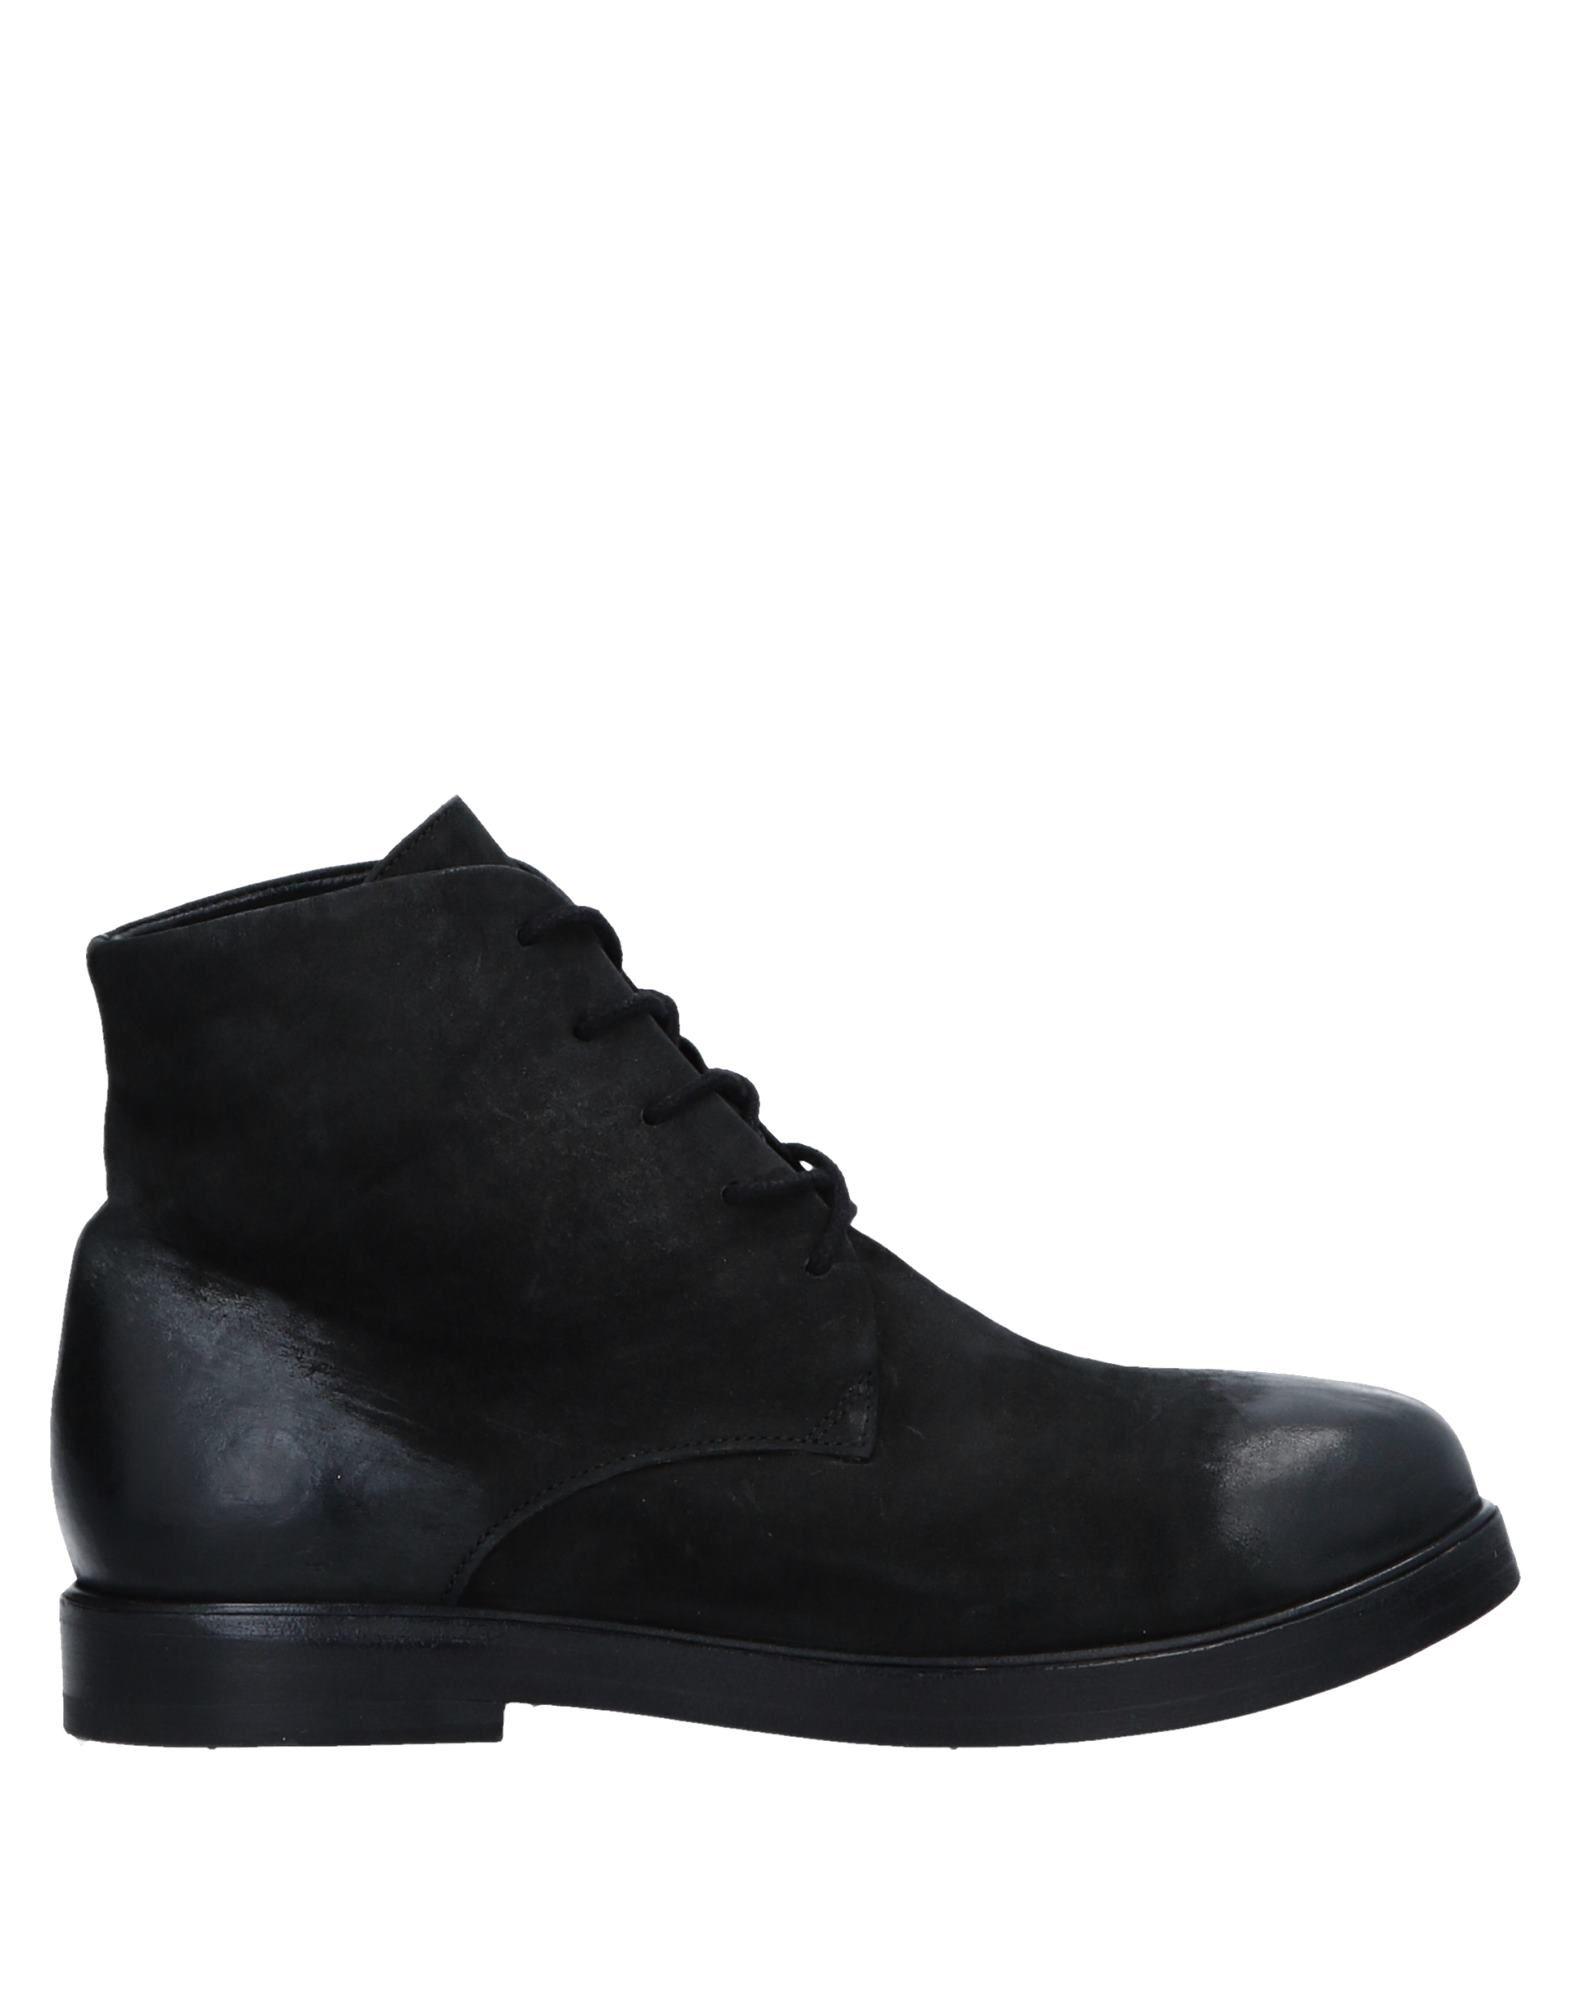 Sneakers Aprix Uomo - 11468964ED Scarpe economiche e buone